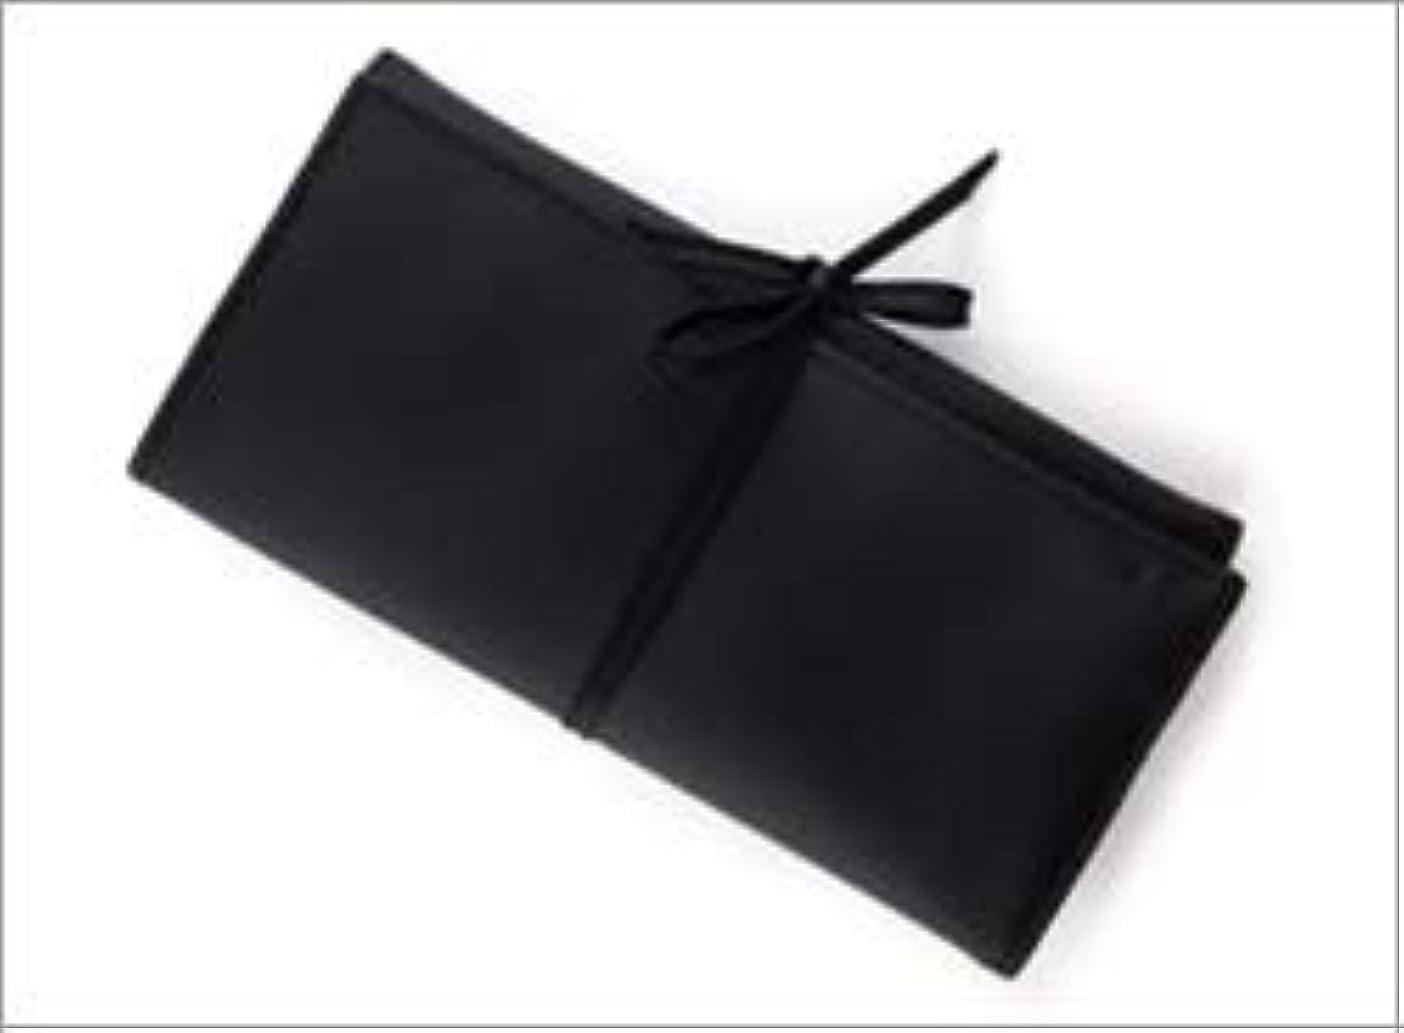 火傷反逆者季節熊野筆 竹宝堂 正規品 ブラシケース(化粧ポーチ) C-24 材質:ナイロン(三つ折り) 広島 化粧筆